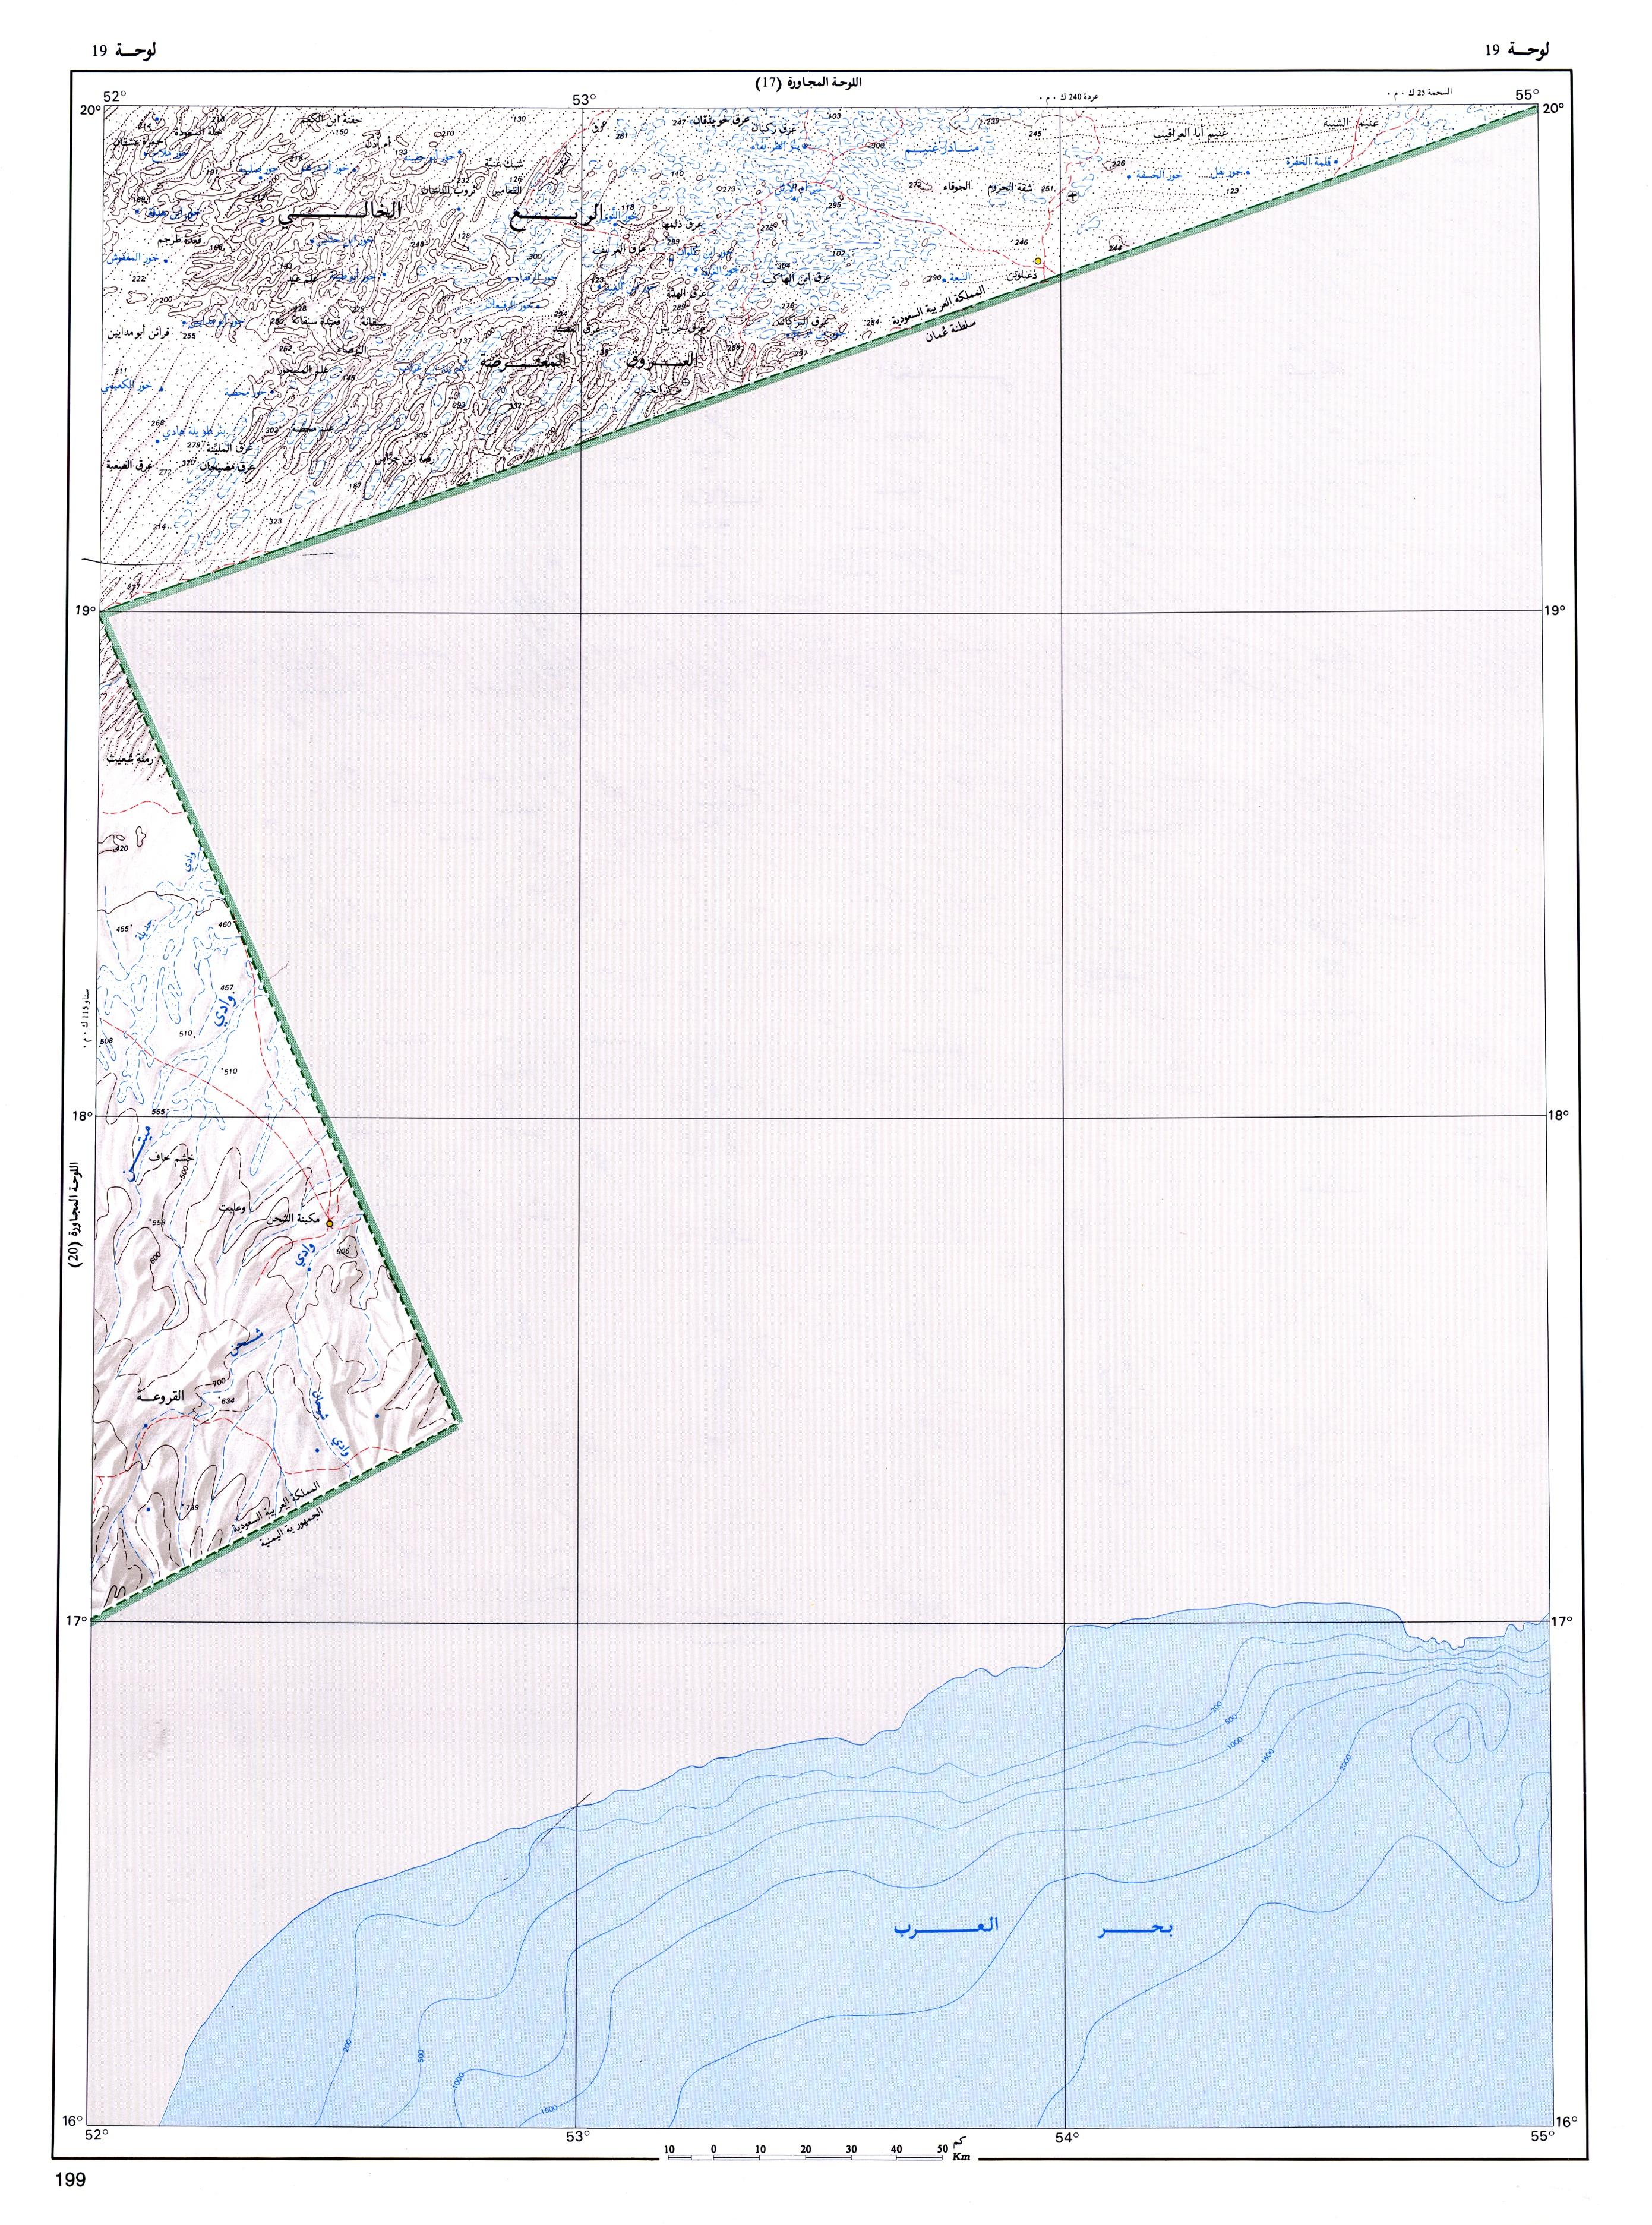 خرائط لمدن المملكة العربية السعودية Fig-19.jpg